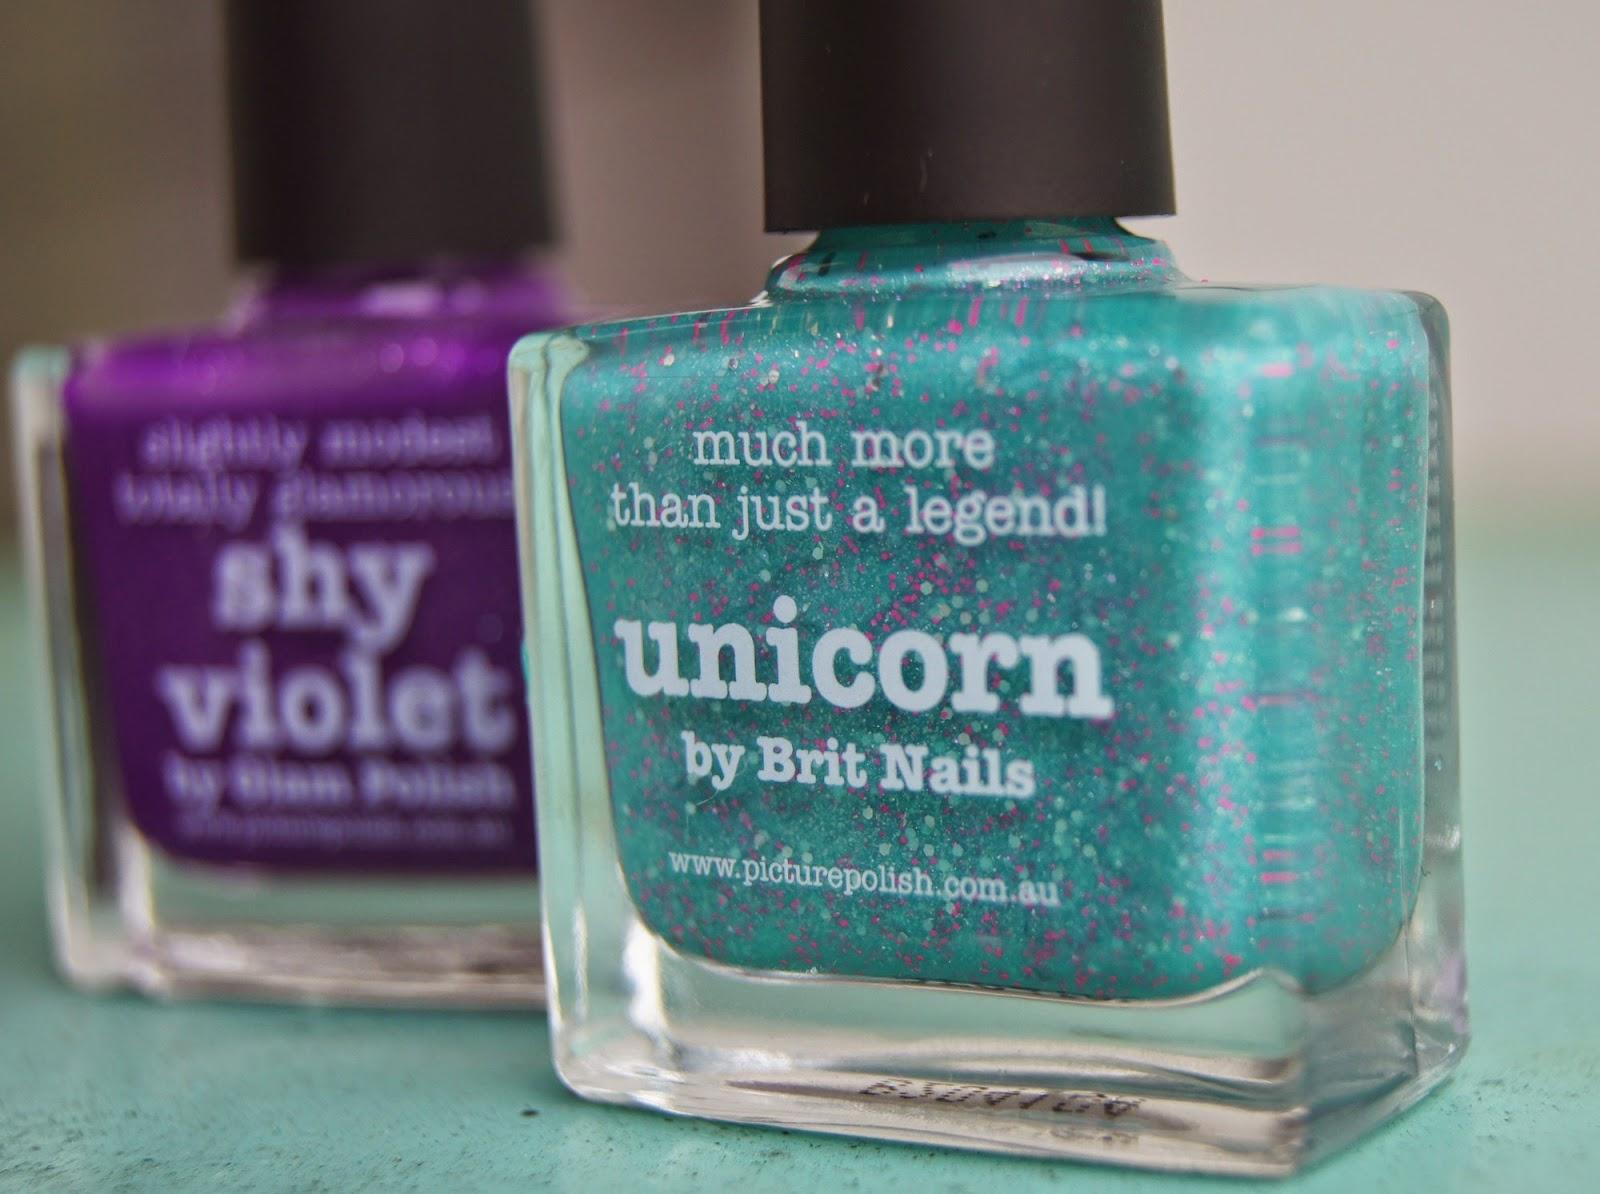 unicorn picture polish